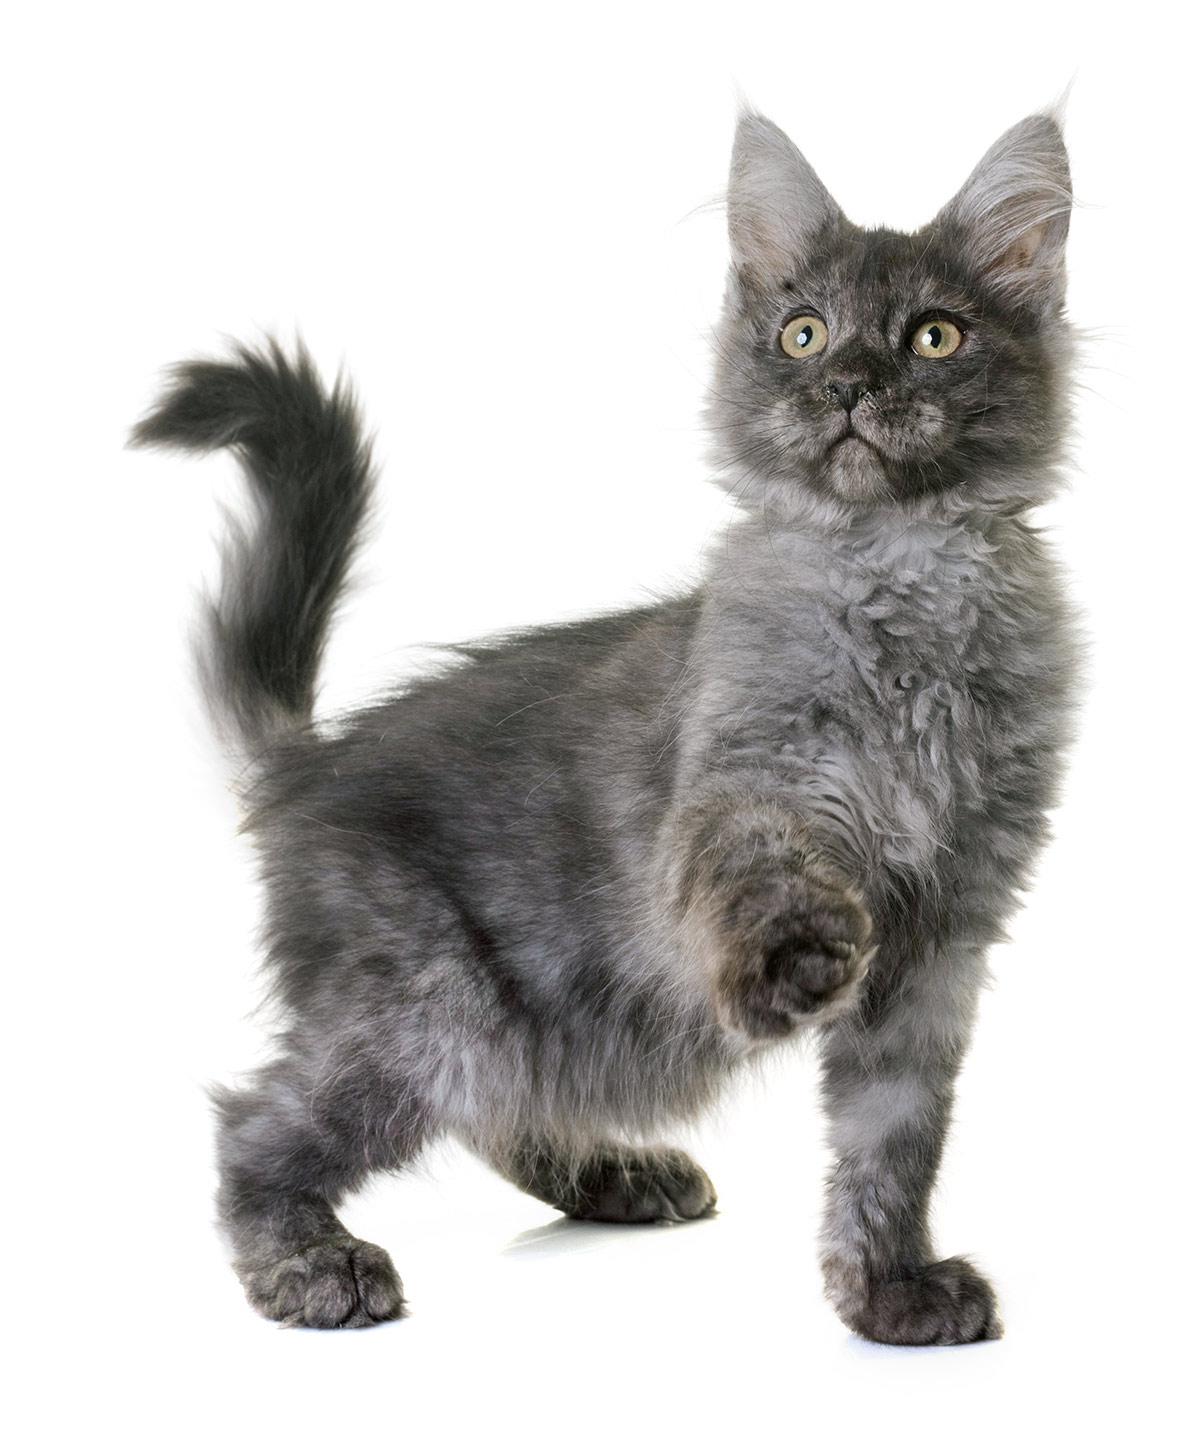 curly hair kitten